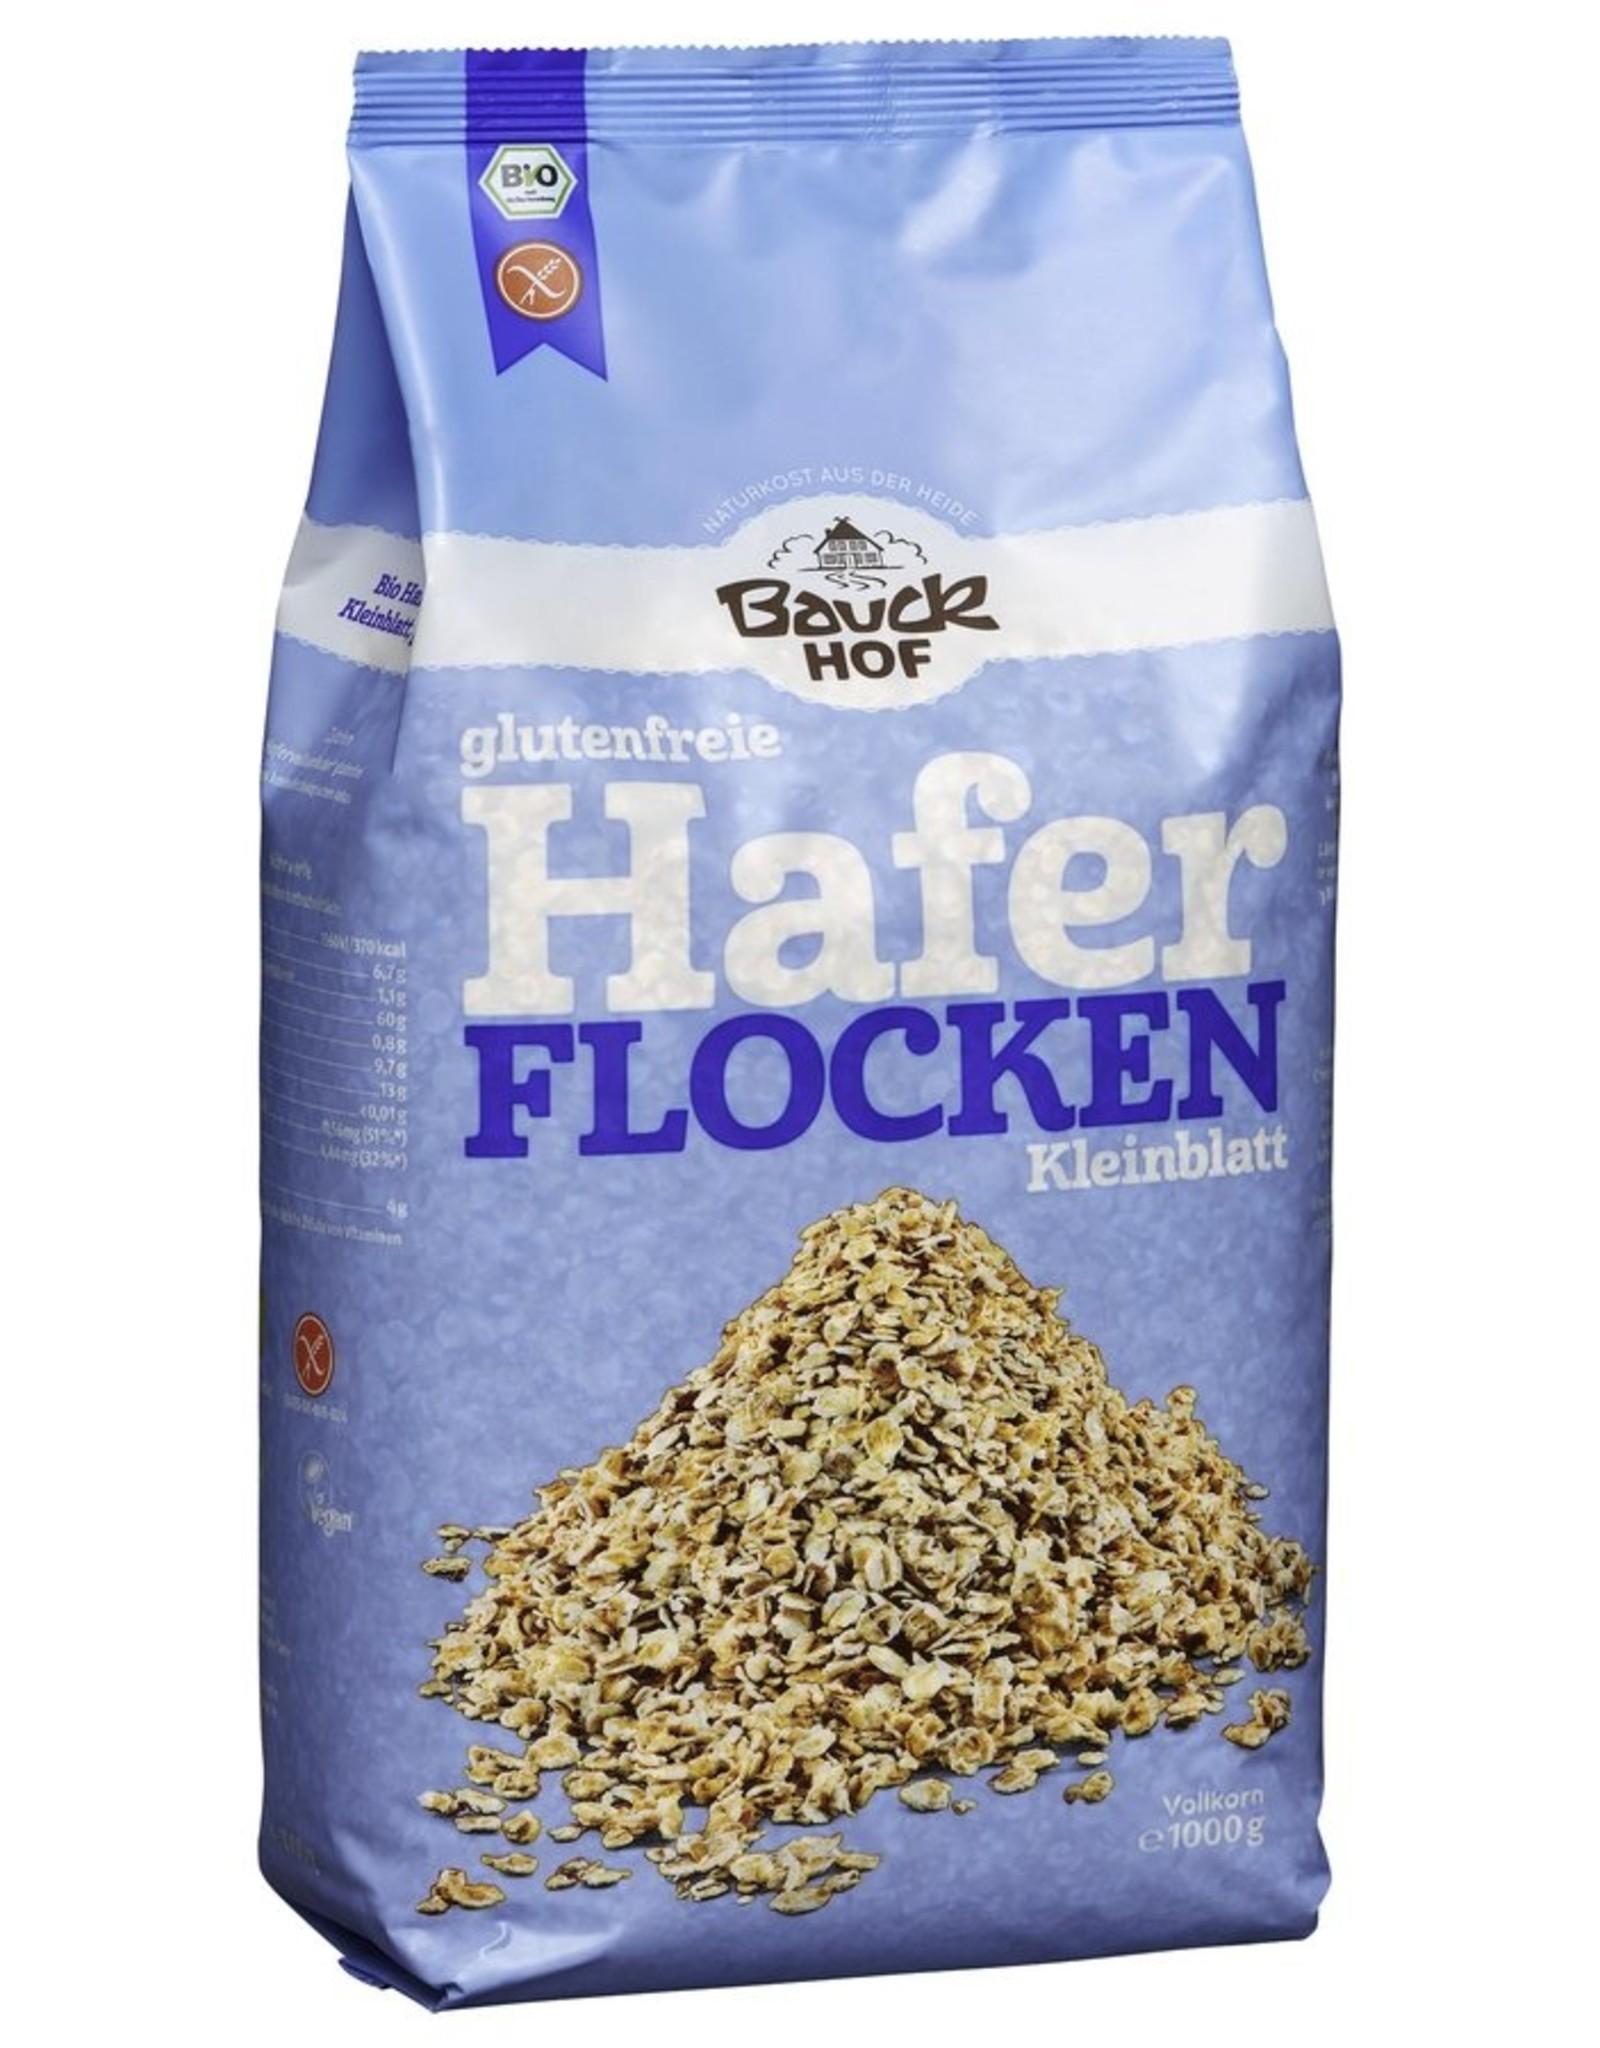 Bauckhof Copos de avena de hoja pequeña sin gluten 1 kg.